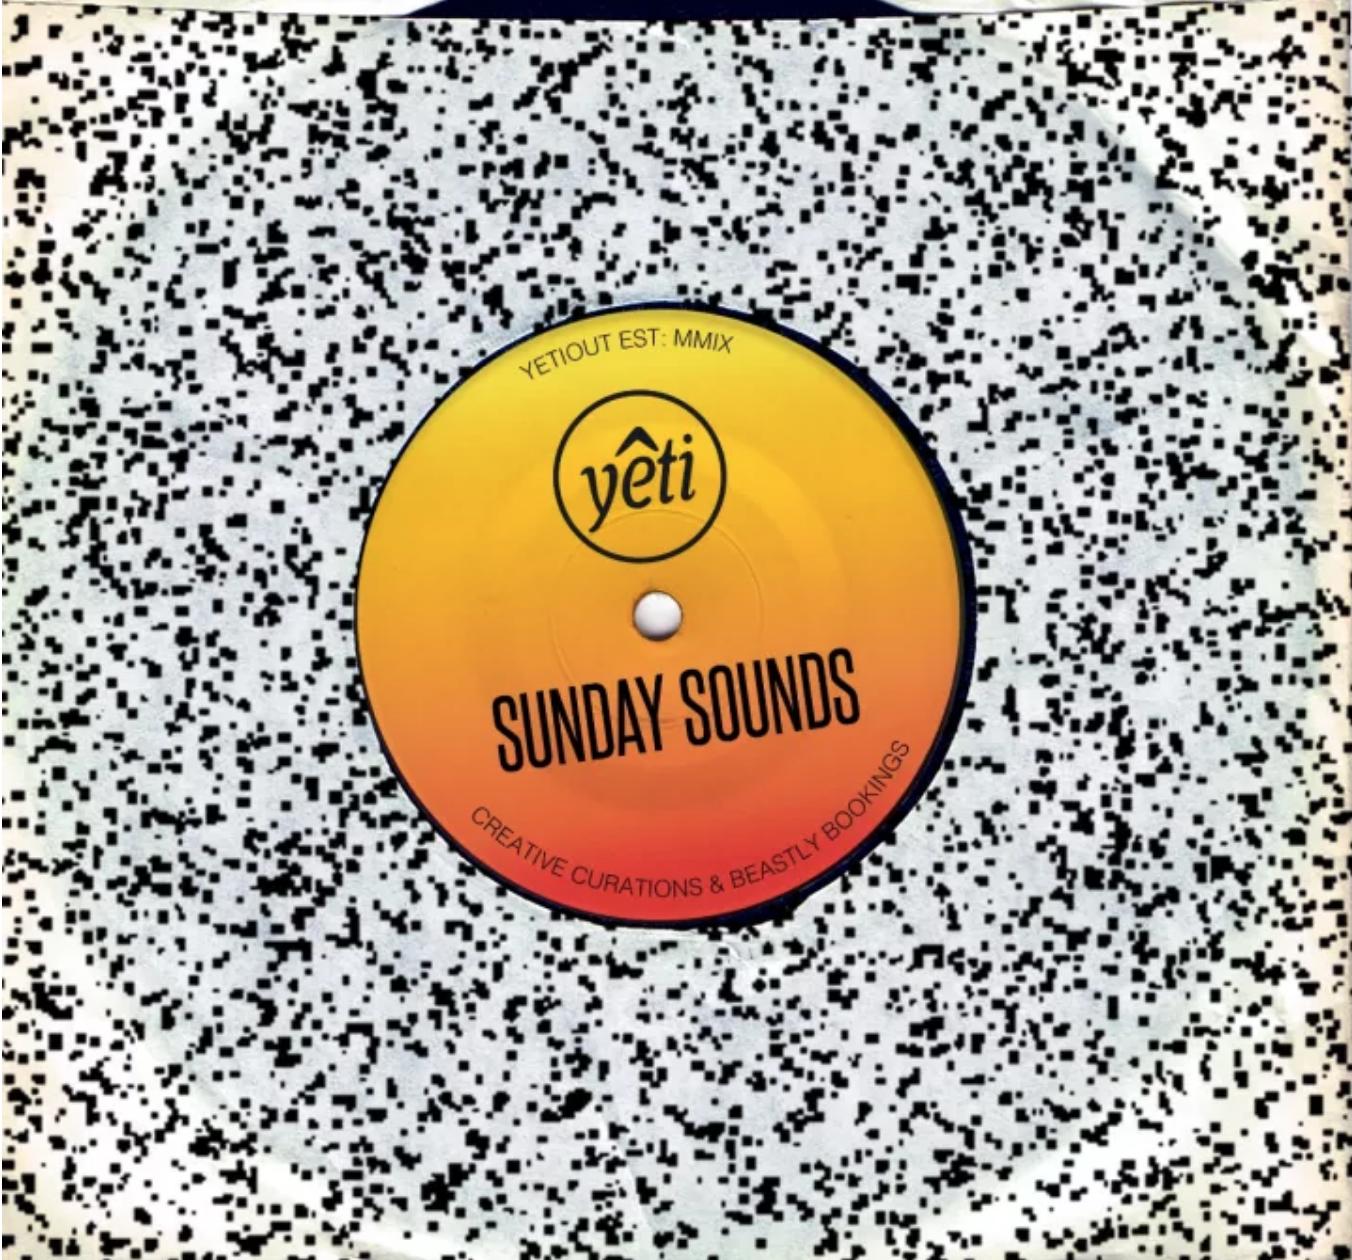 SUNDAY SOUNDS